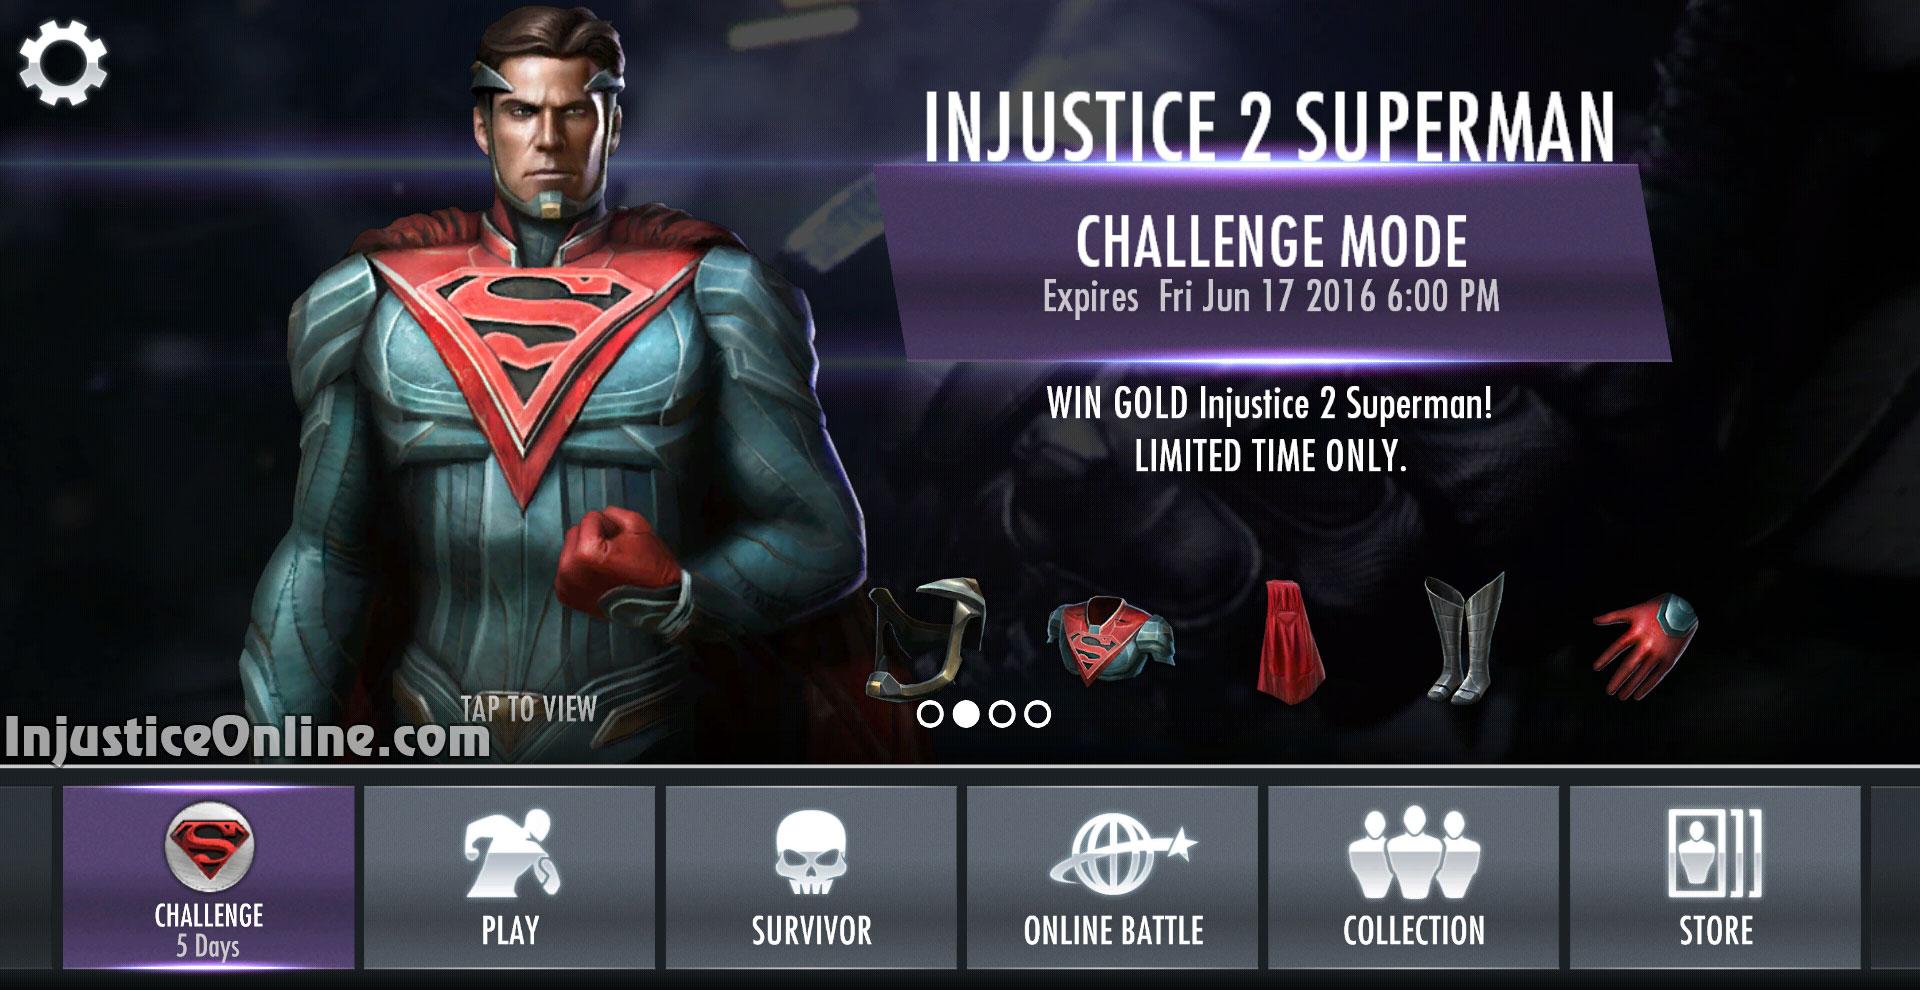 Injustice 2 superman challenge for injustice mobile injustice online